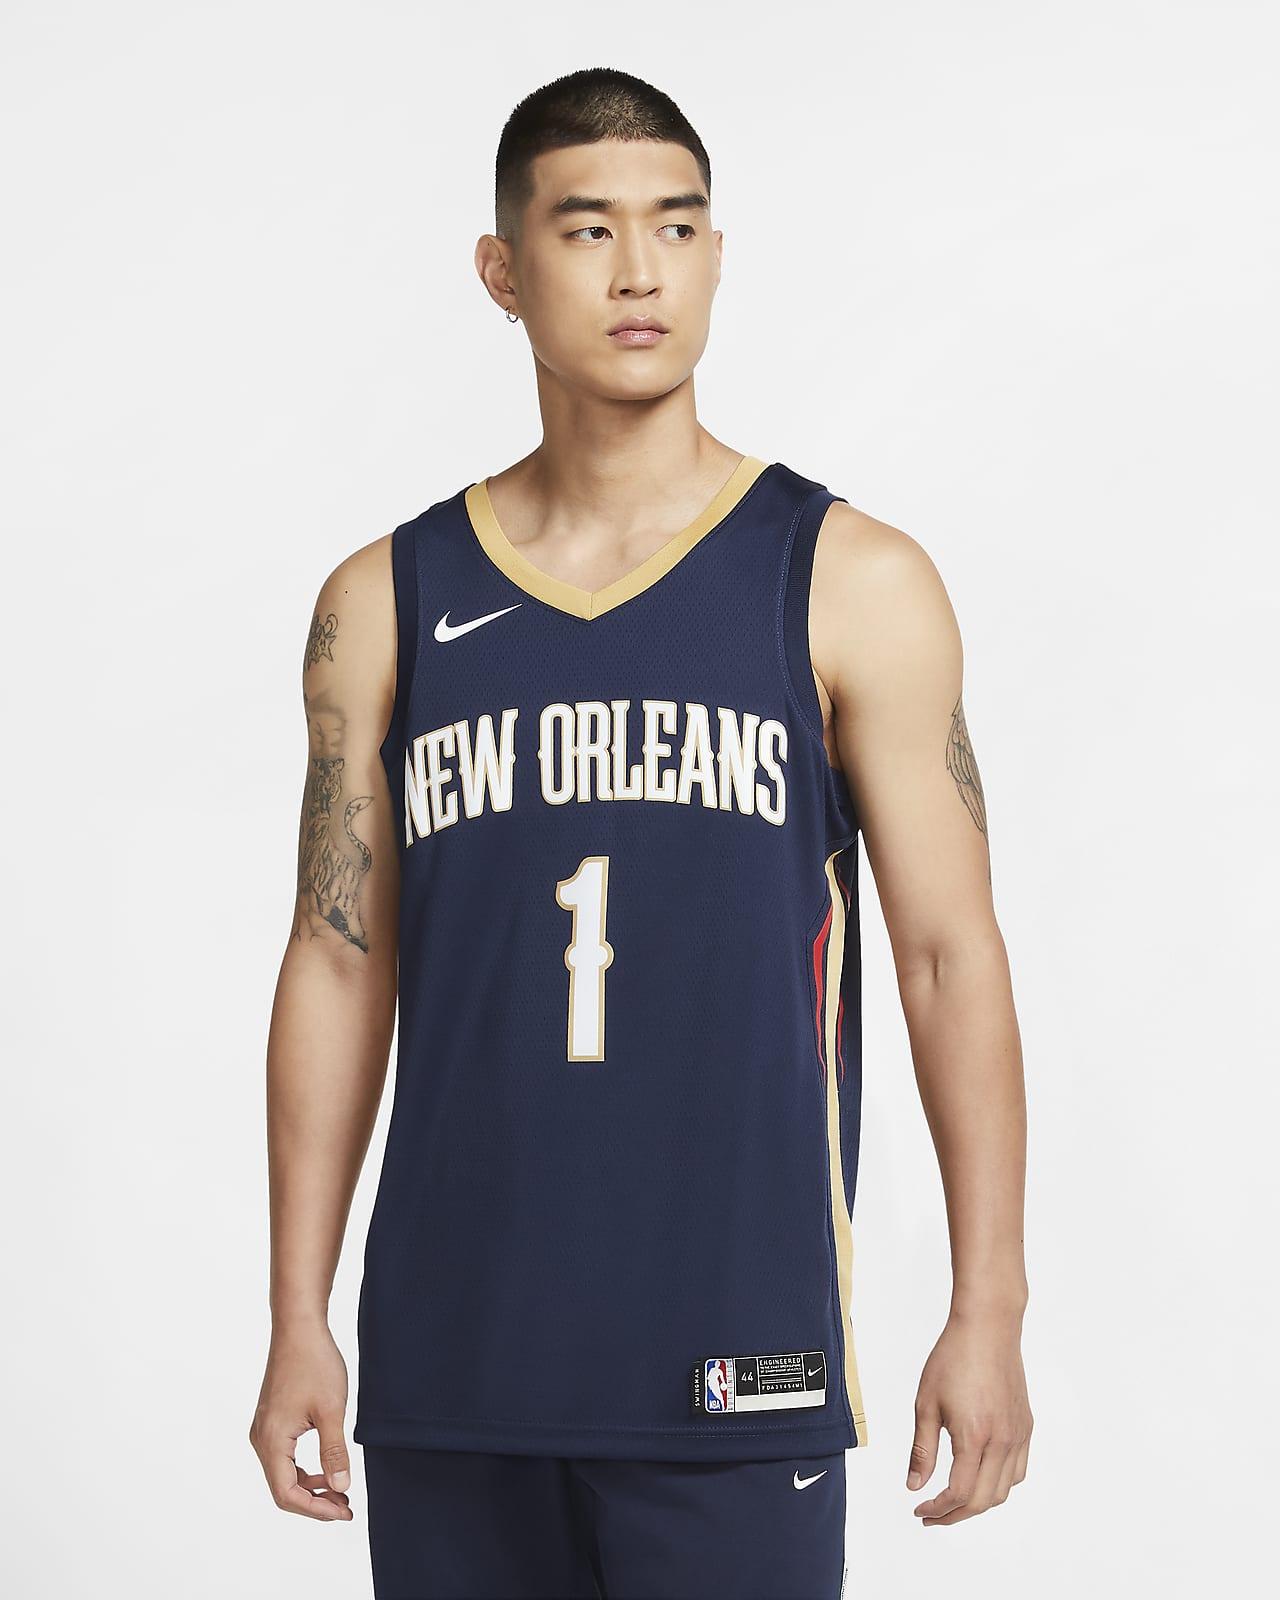 ザイオン ウィリアムソン ペリカンズ アイコン エディション 2020 メンズ ナイキ NBA スウィングマン ジャージー